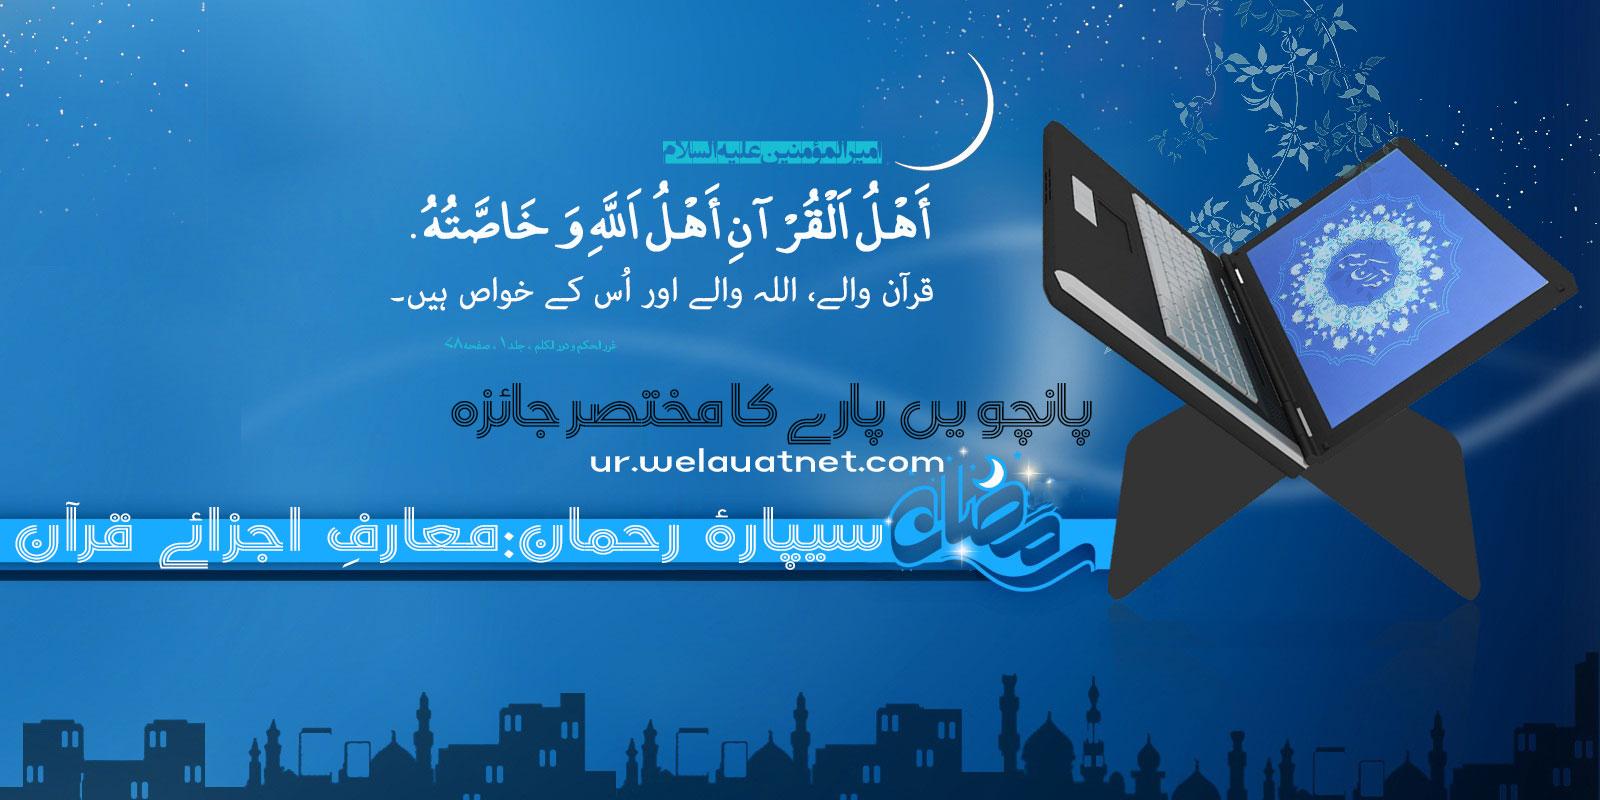 سیپارۂ رحمان:معارف اجزائے قرآن: پانچویں پارے کا مختصر جائزہ